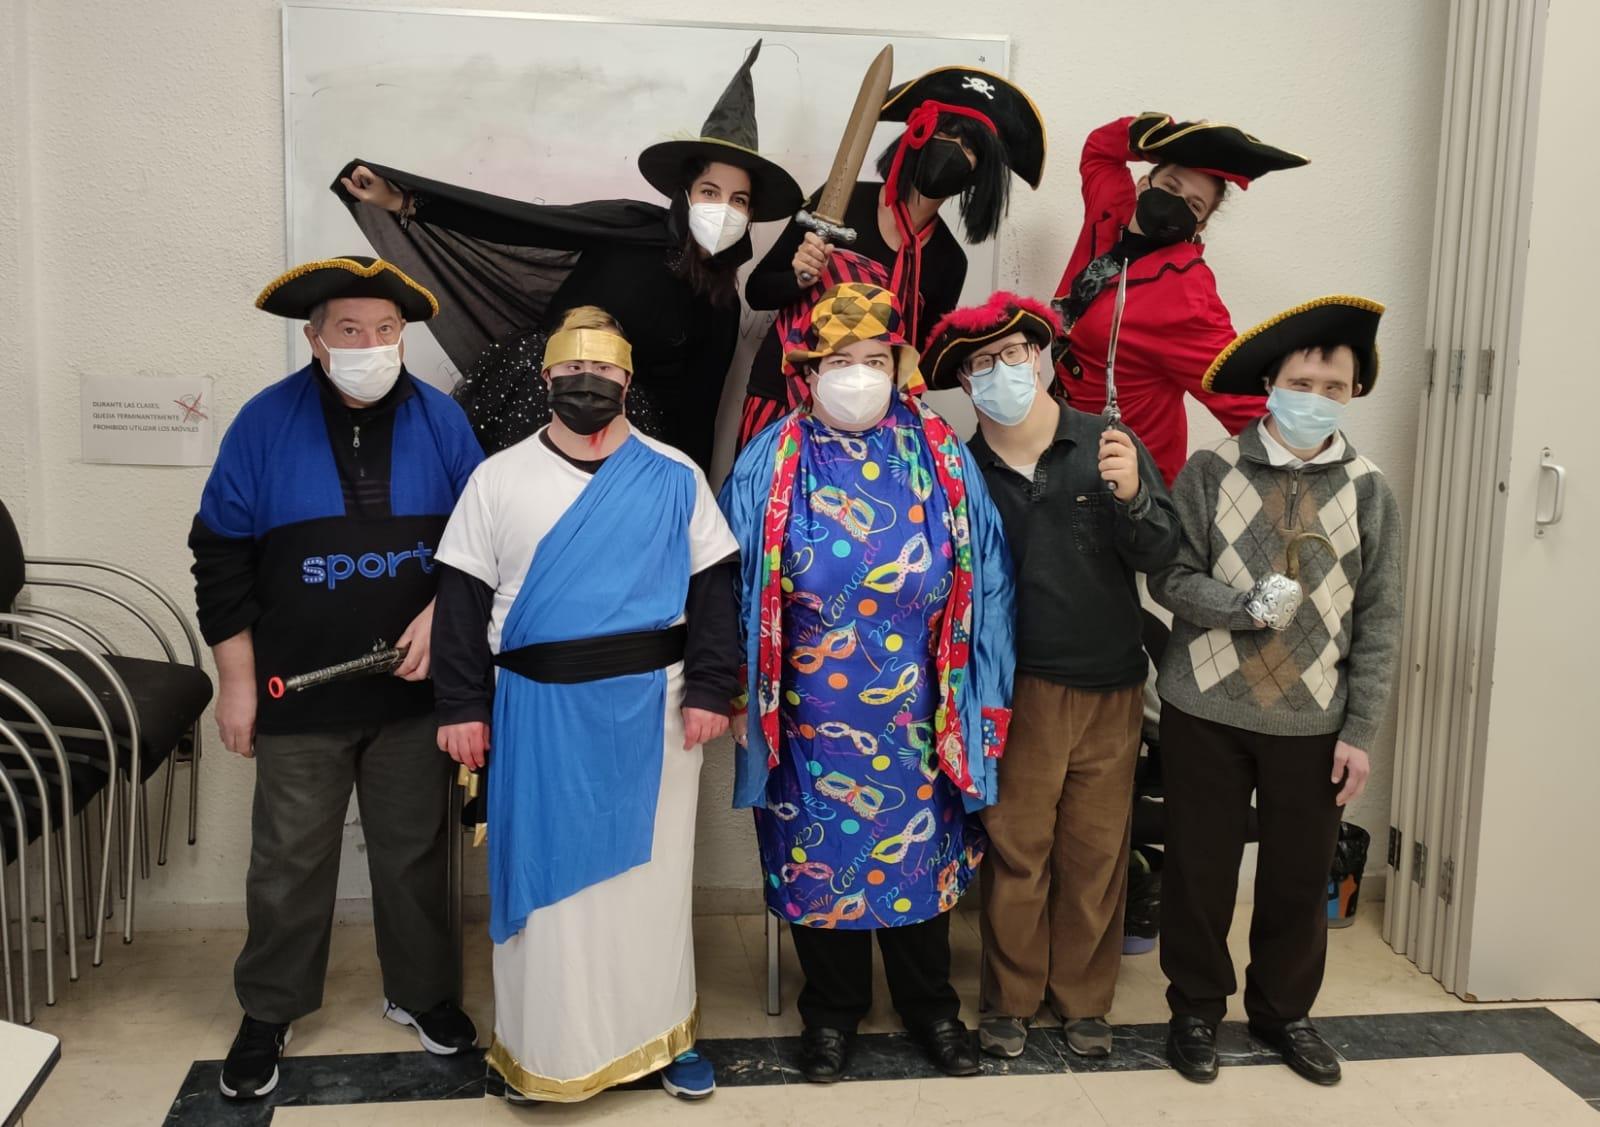 grupo de personas usuarias de la asociación disfrazadas para el carnaval 2021. De izquierda a derecha los disfraces son de pirata, griego, bruja, arlequín y 4 piratas más,